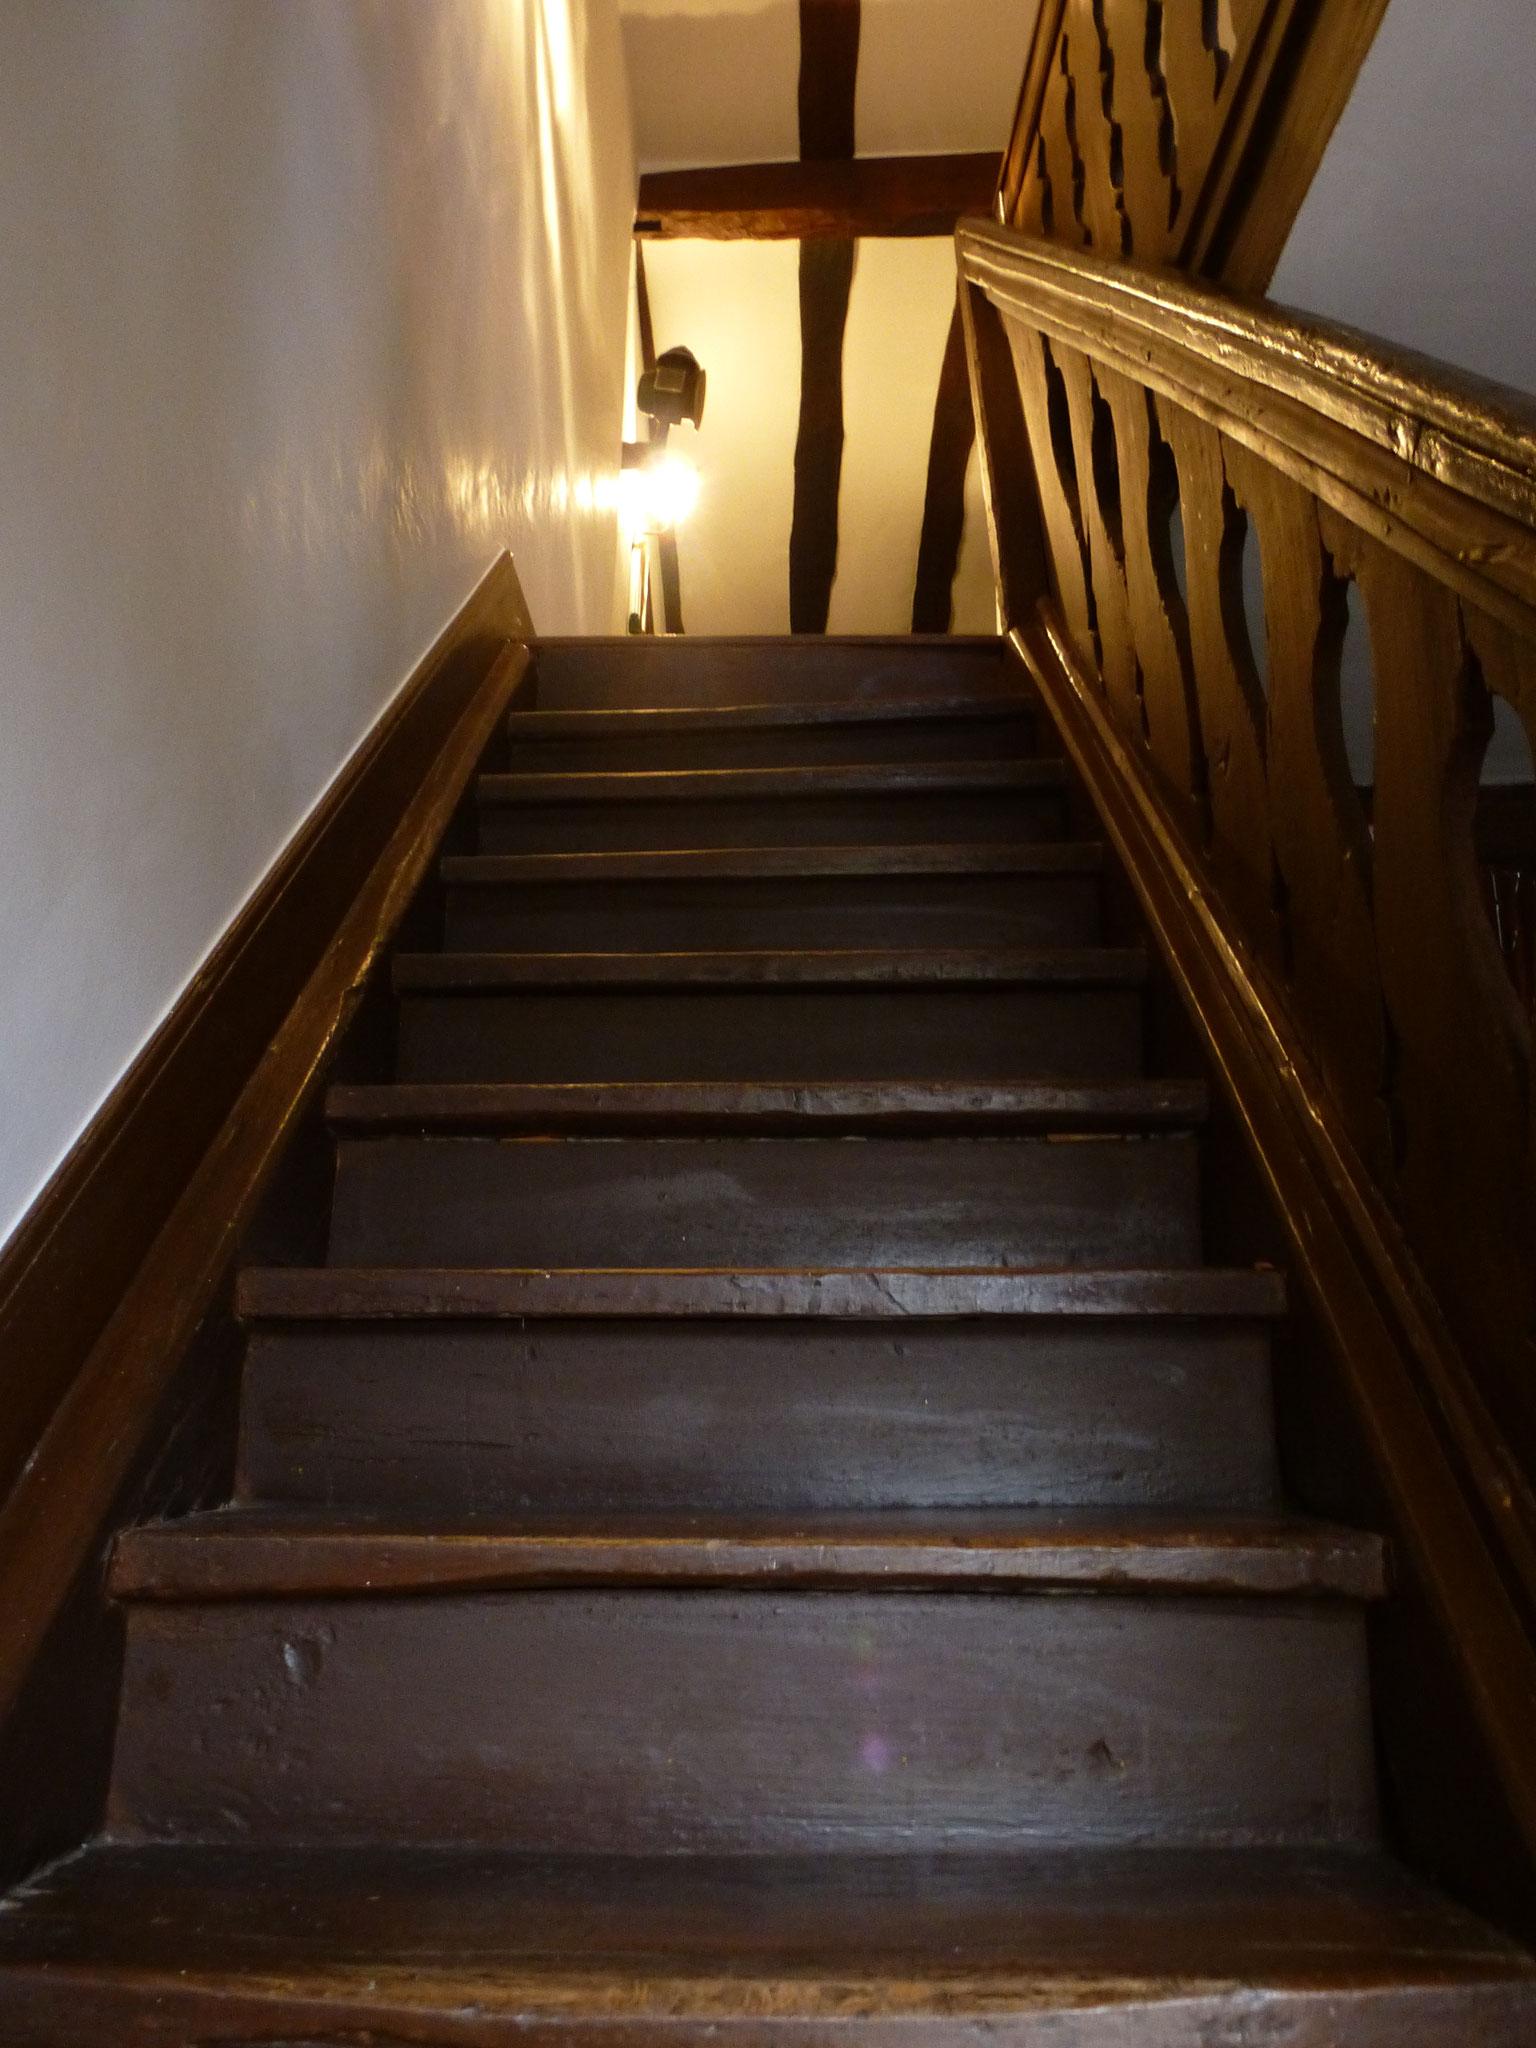 Escalier menant à l'étage/Treppe zum Wohnbereich/Steps to home